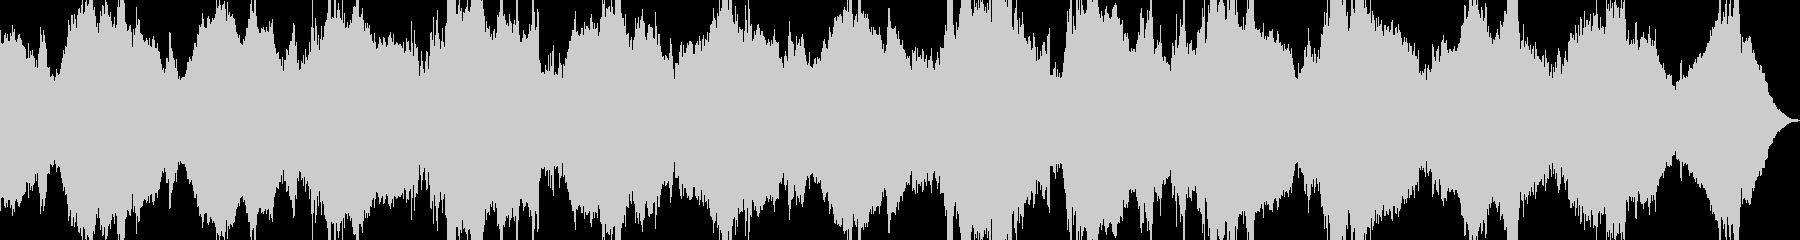 宇宙やスローモーションを感じる曲の未再生の波形